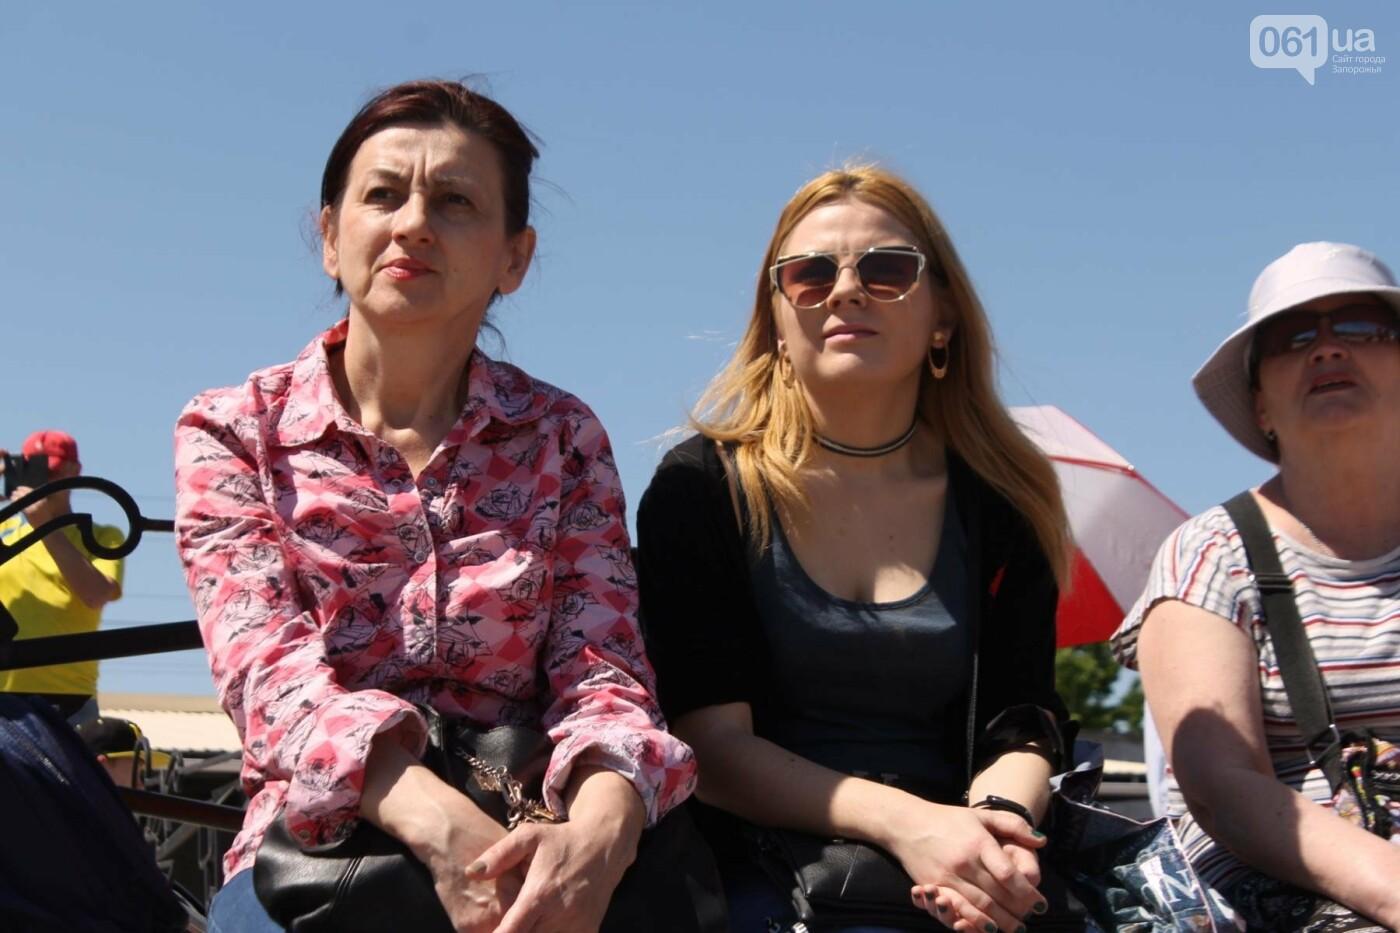 В Запорожье на Хортице концертом открыли туристический сезон: как это было, – ФОТОРЕПОРТАЖ, фото-12